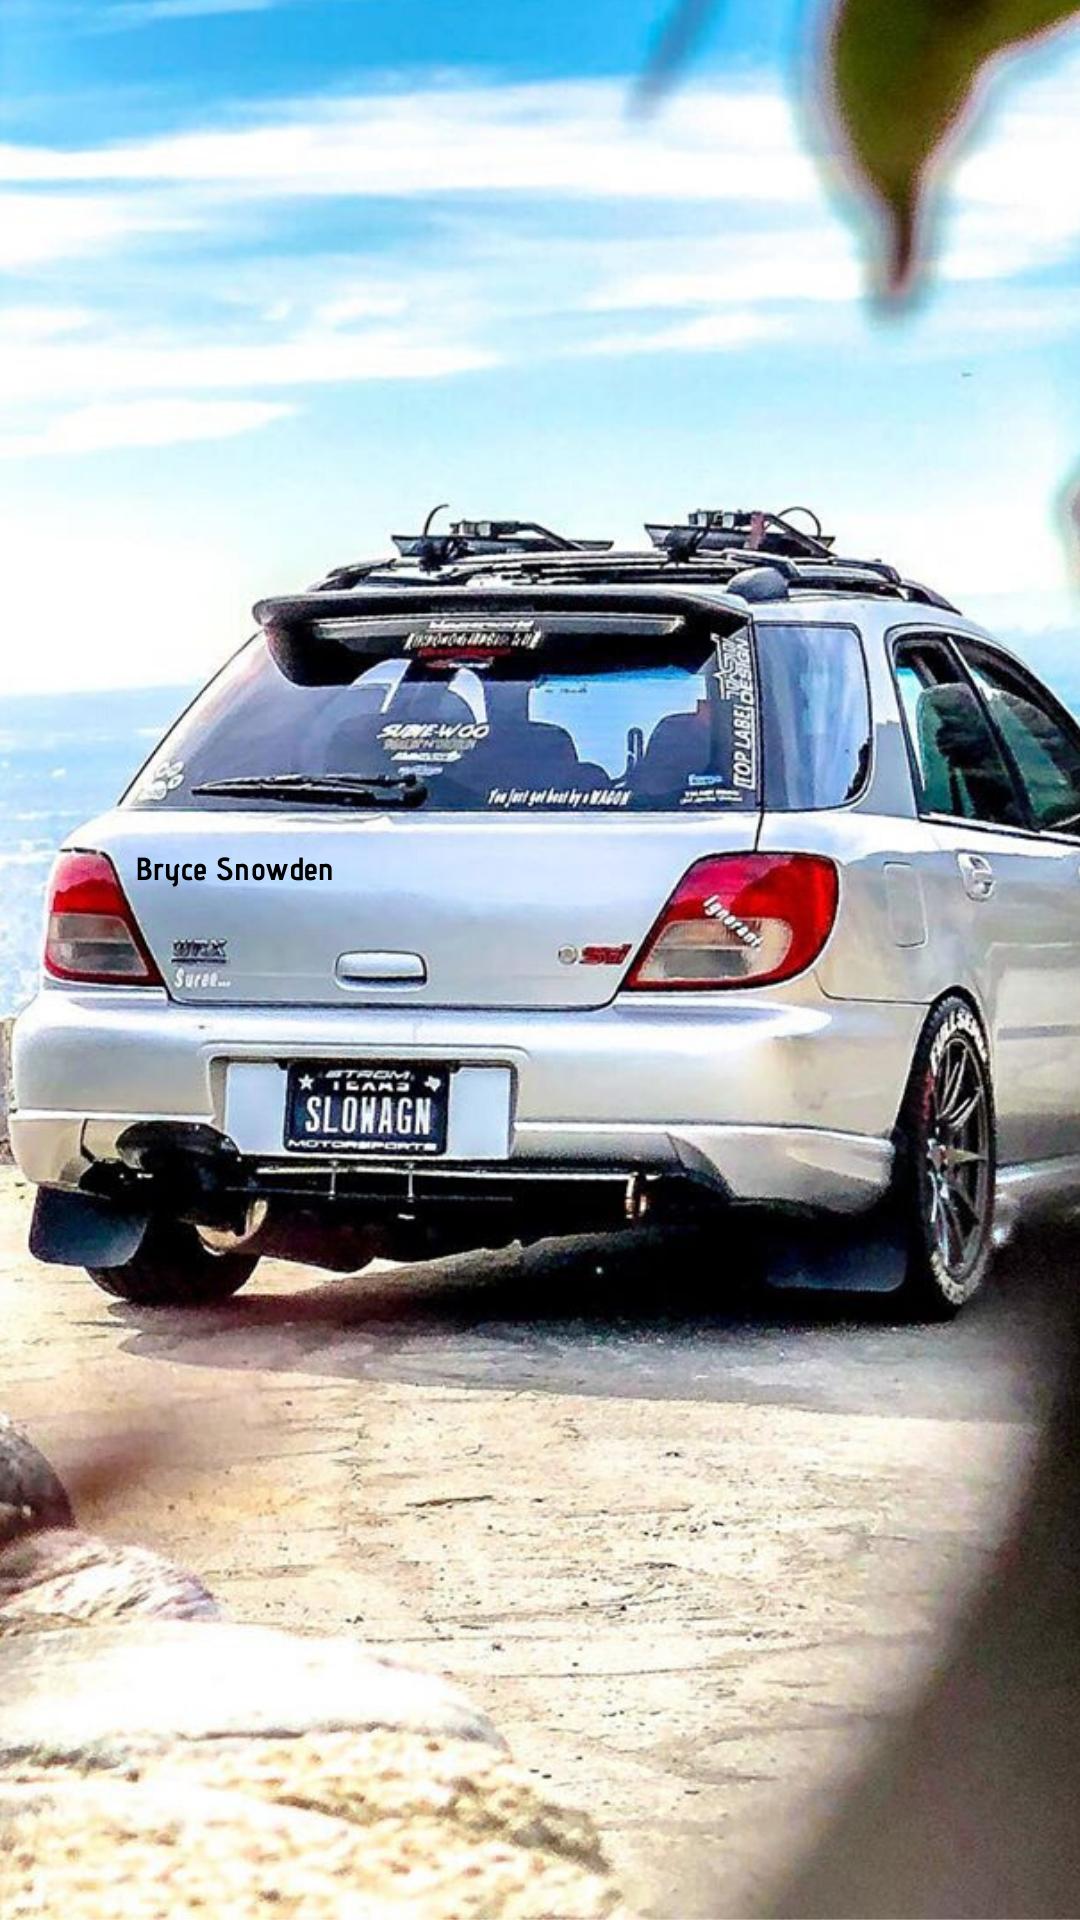 Subaru Wrx Wagon In 2020 Subaru Wrx Wagon Subaru Wrx Subaru